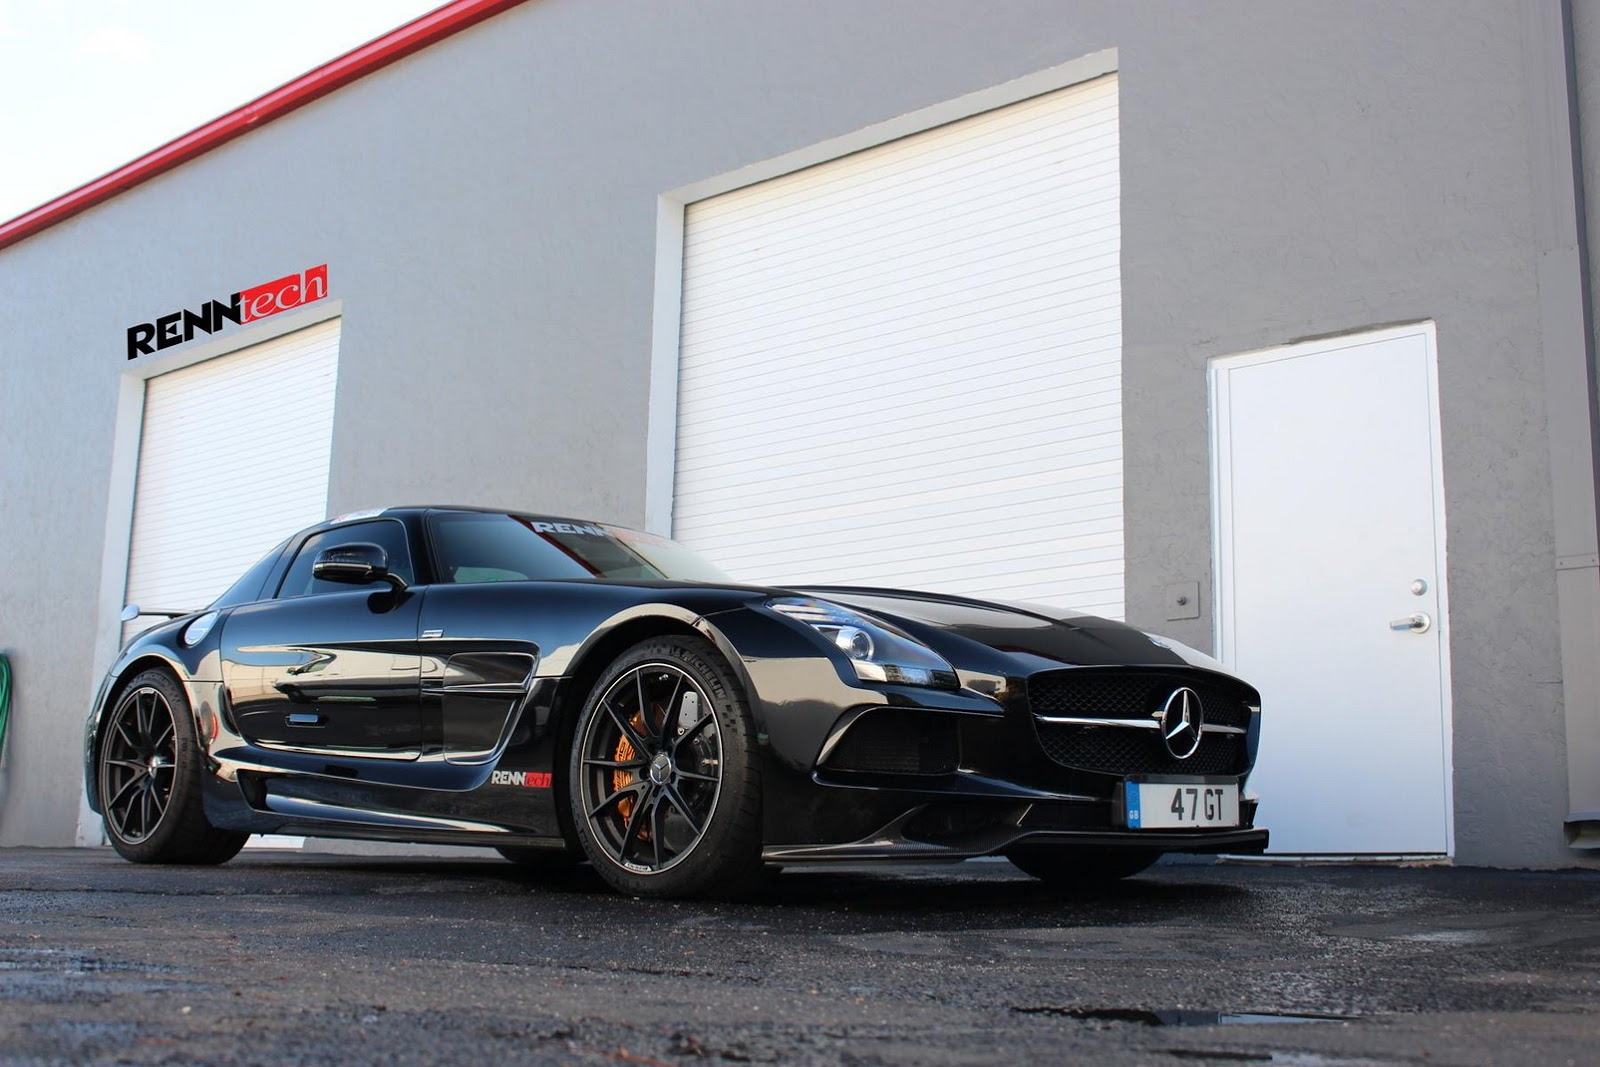 Renntech Mercedes-Benz SLS AMG Black Series - MercedesBlog